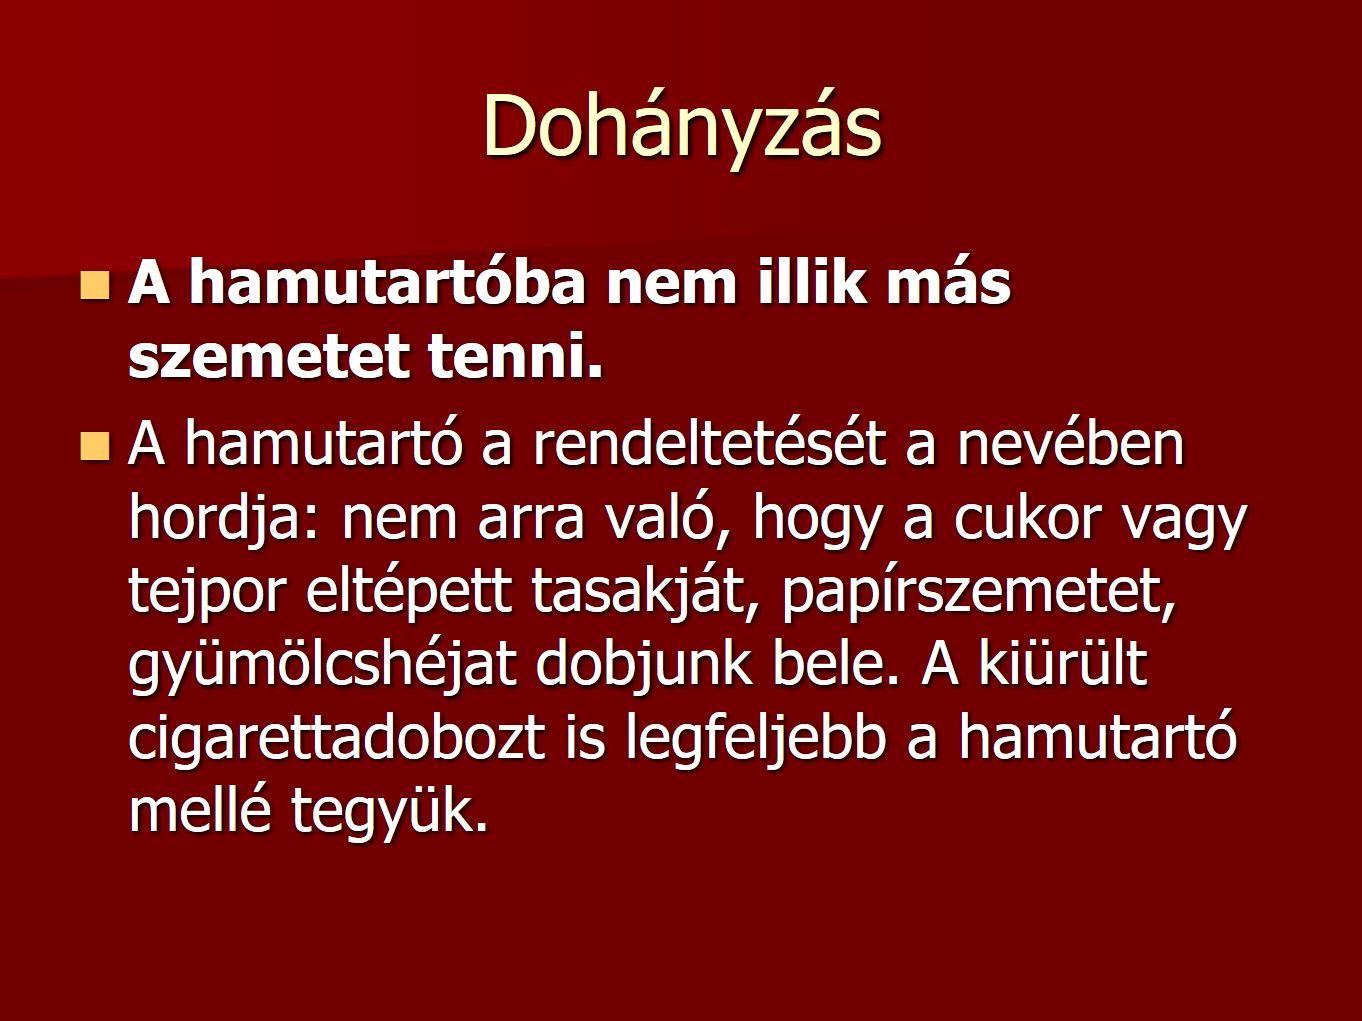 szivar_etikett_dohanyzas_illemtana_szivarozas_6.JPG